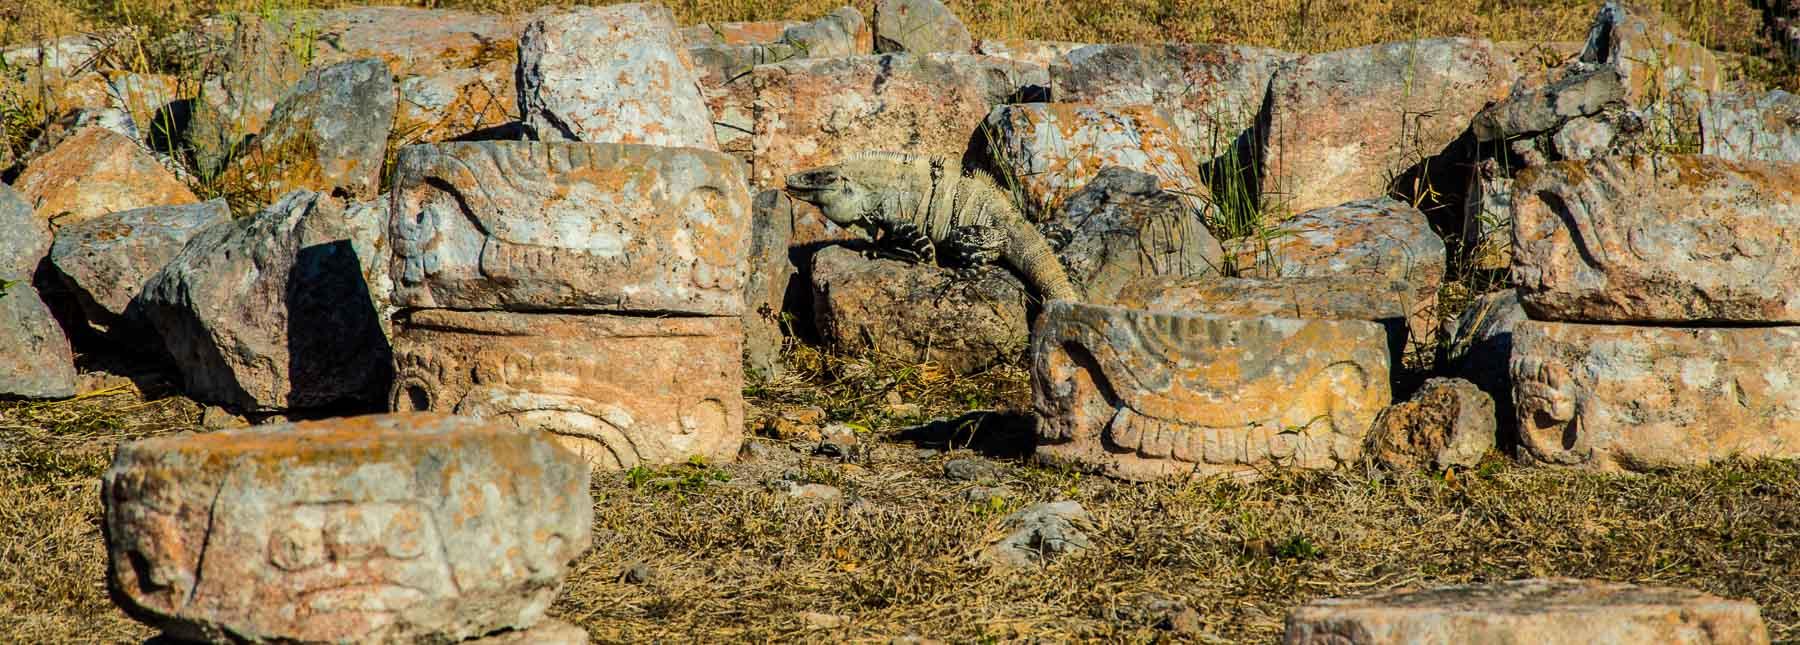 Stones with Mayan carvings at Mayan ruin of Kabah.